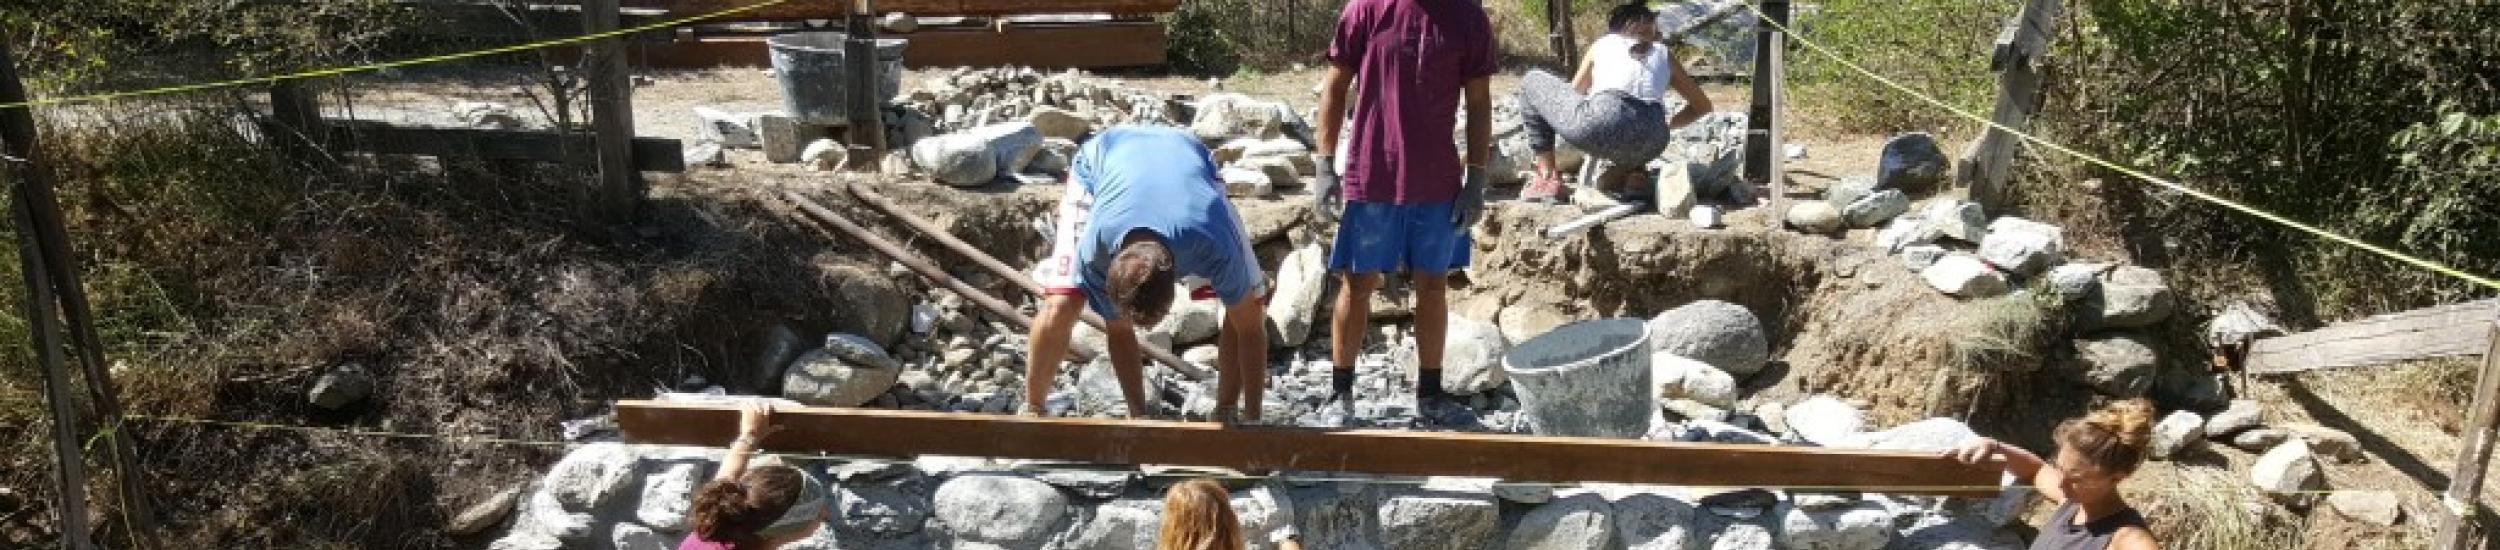 News: Progettisti e operai, a tiglieto il ponte per la badia rinato con i futuri architetti (video di tabloid)